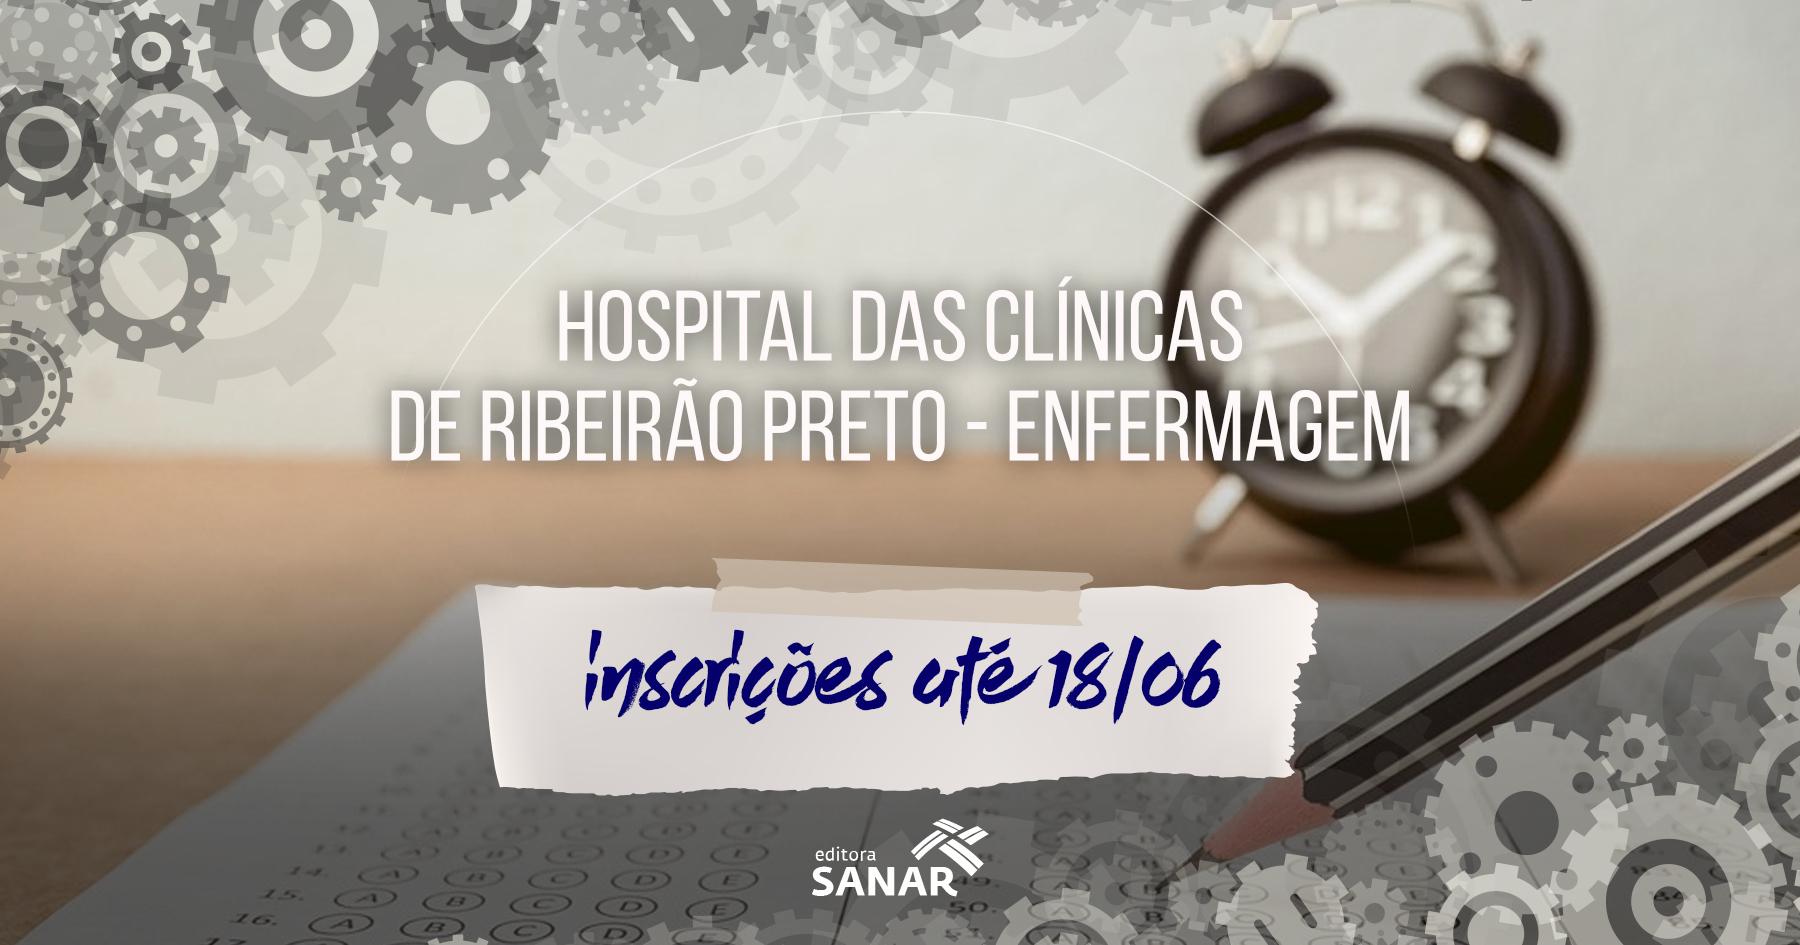 Concurso: Hospital das Clínicas de Ribeirão Preto (SP) divulga edital para Enfermeiros